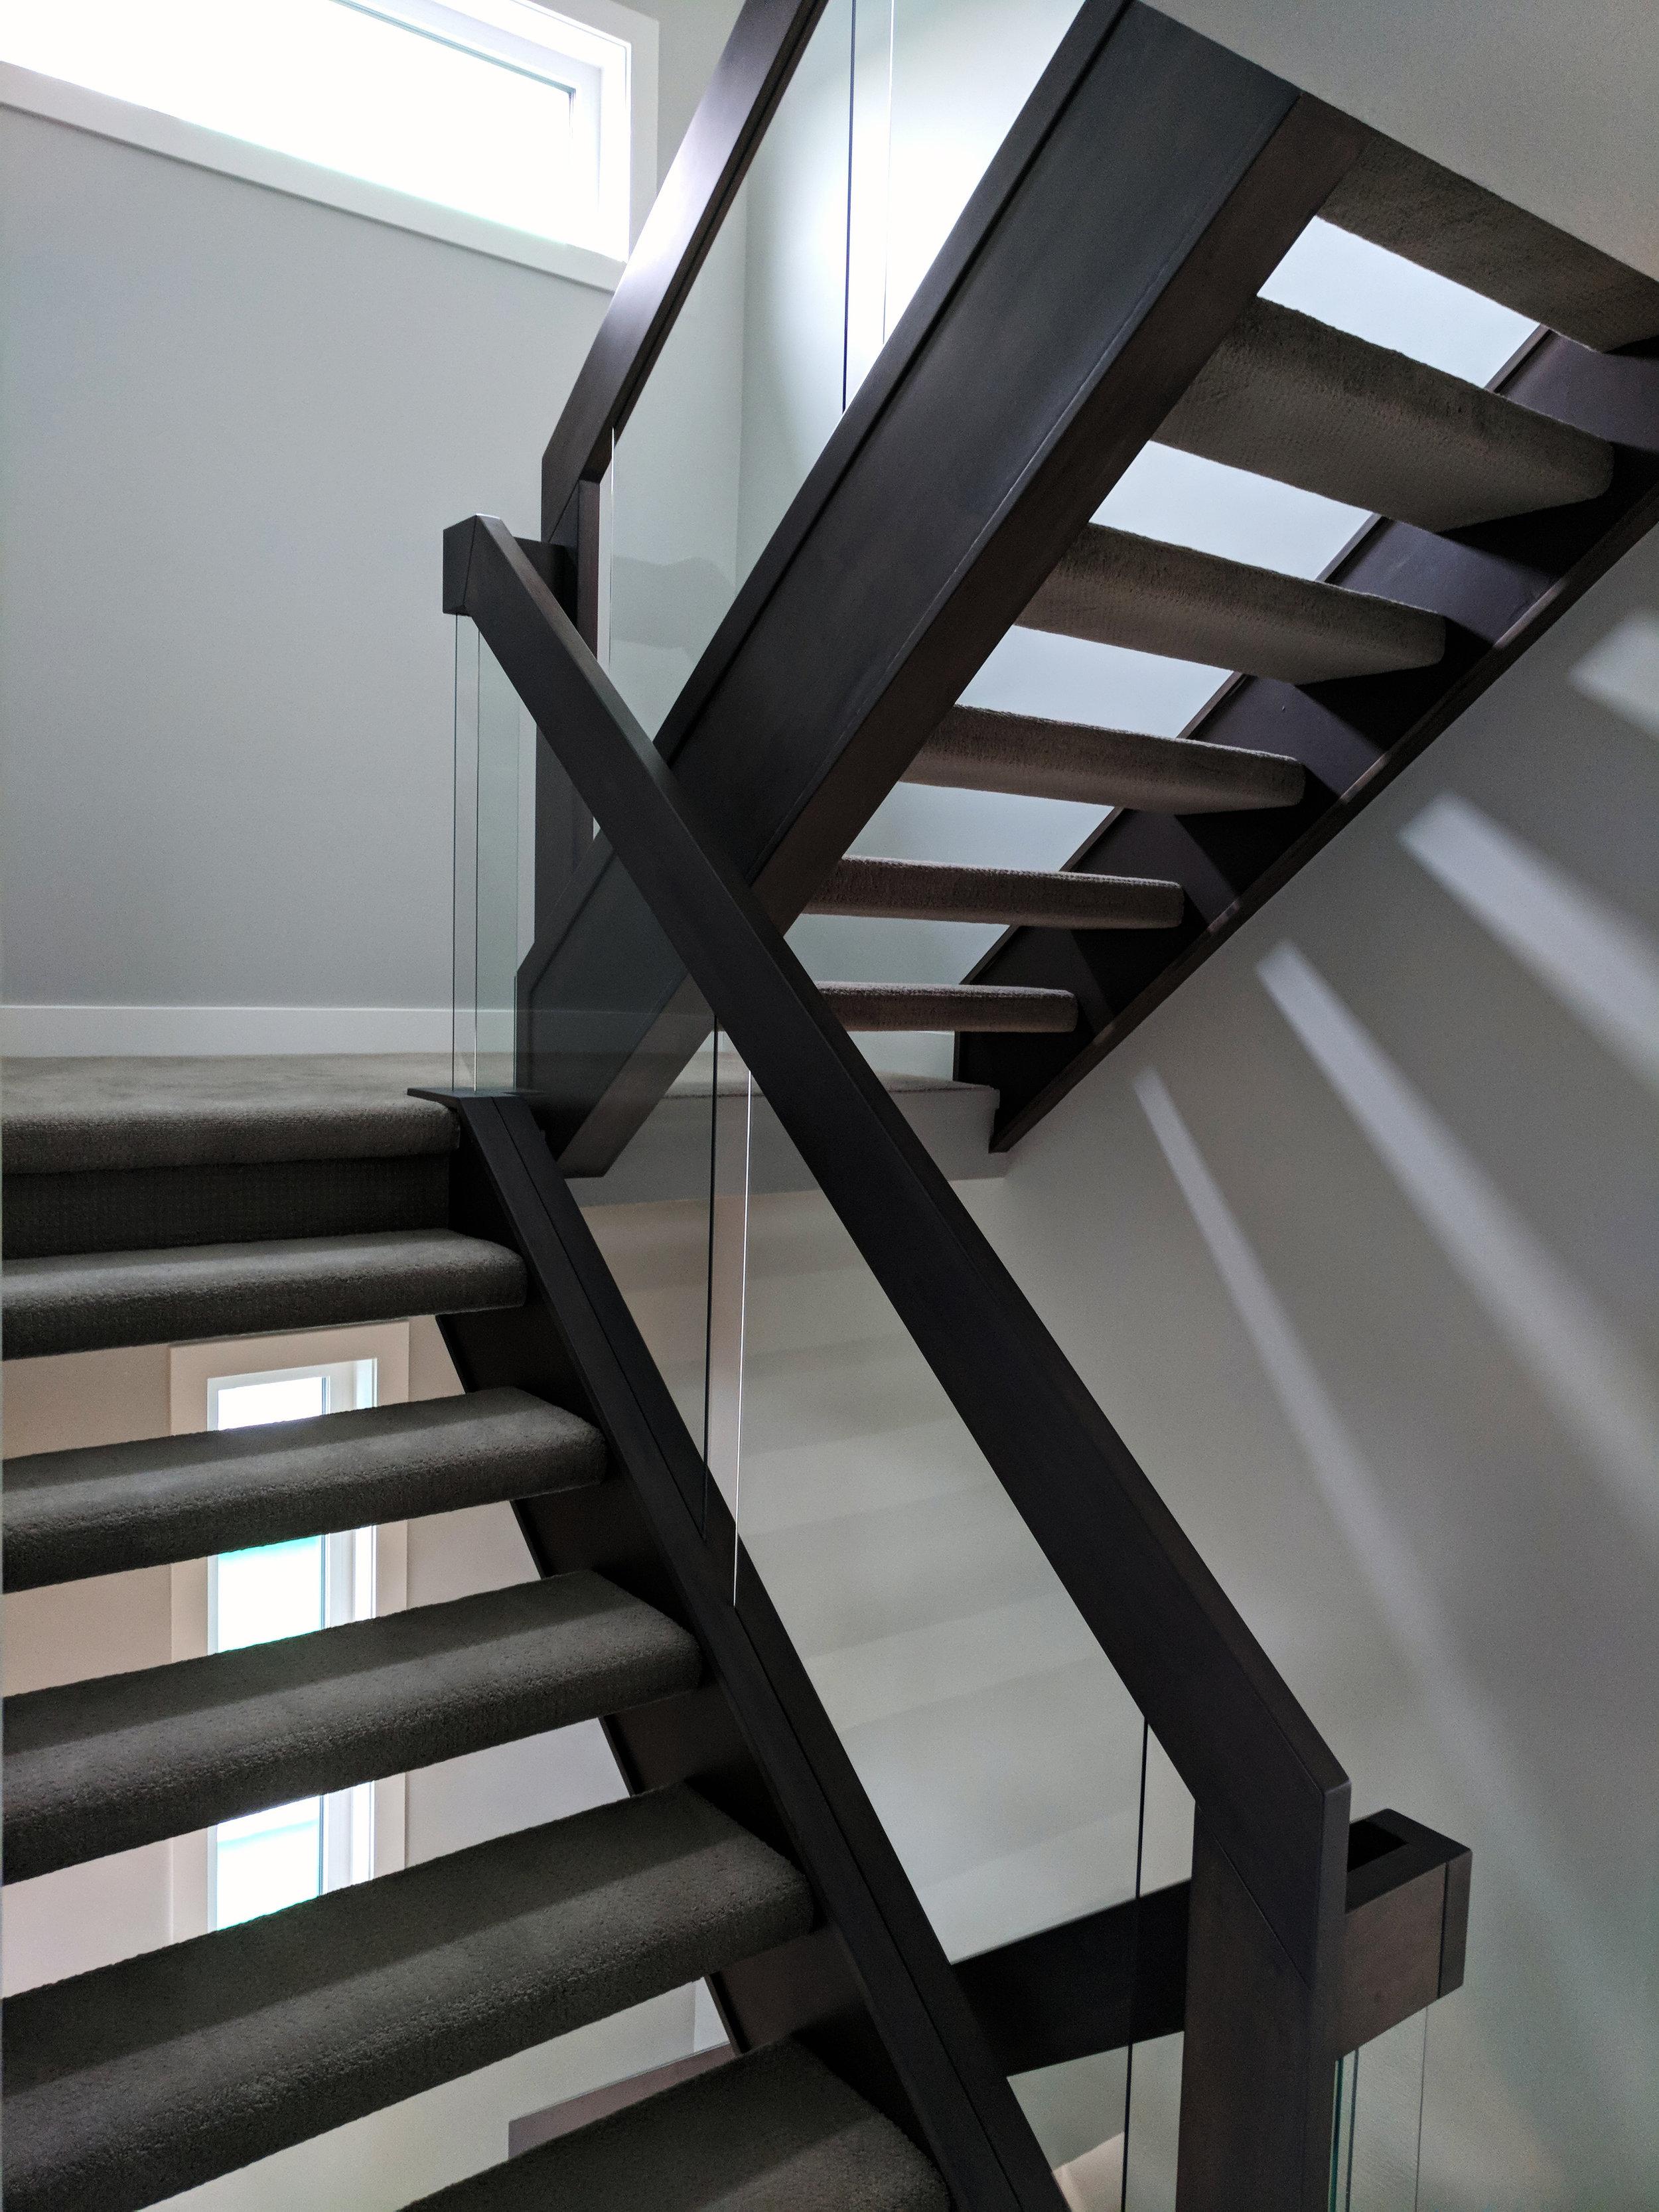 Stairs - IMG_20190122_123259.jpg